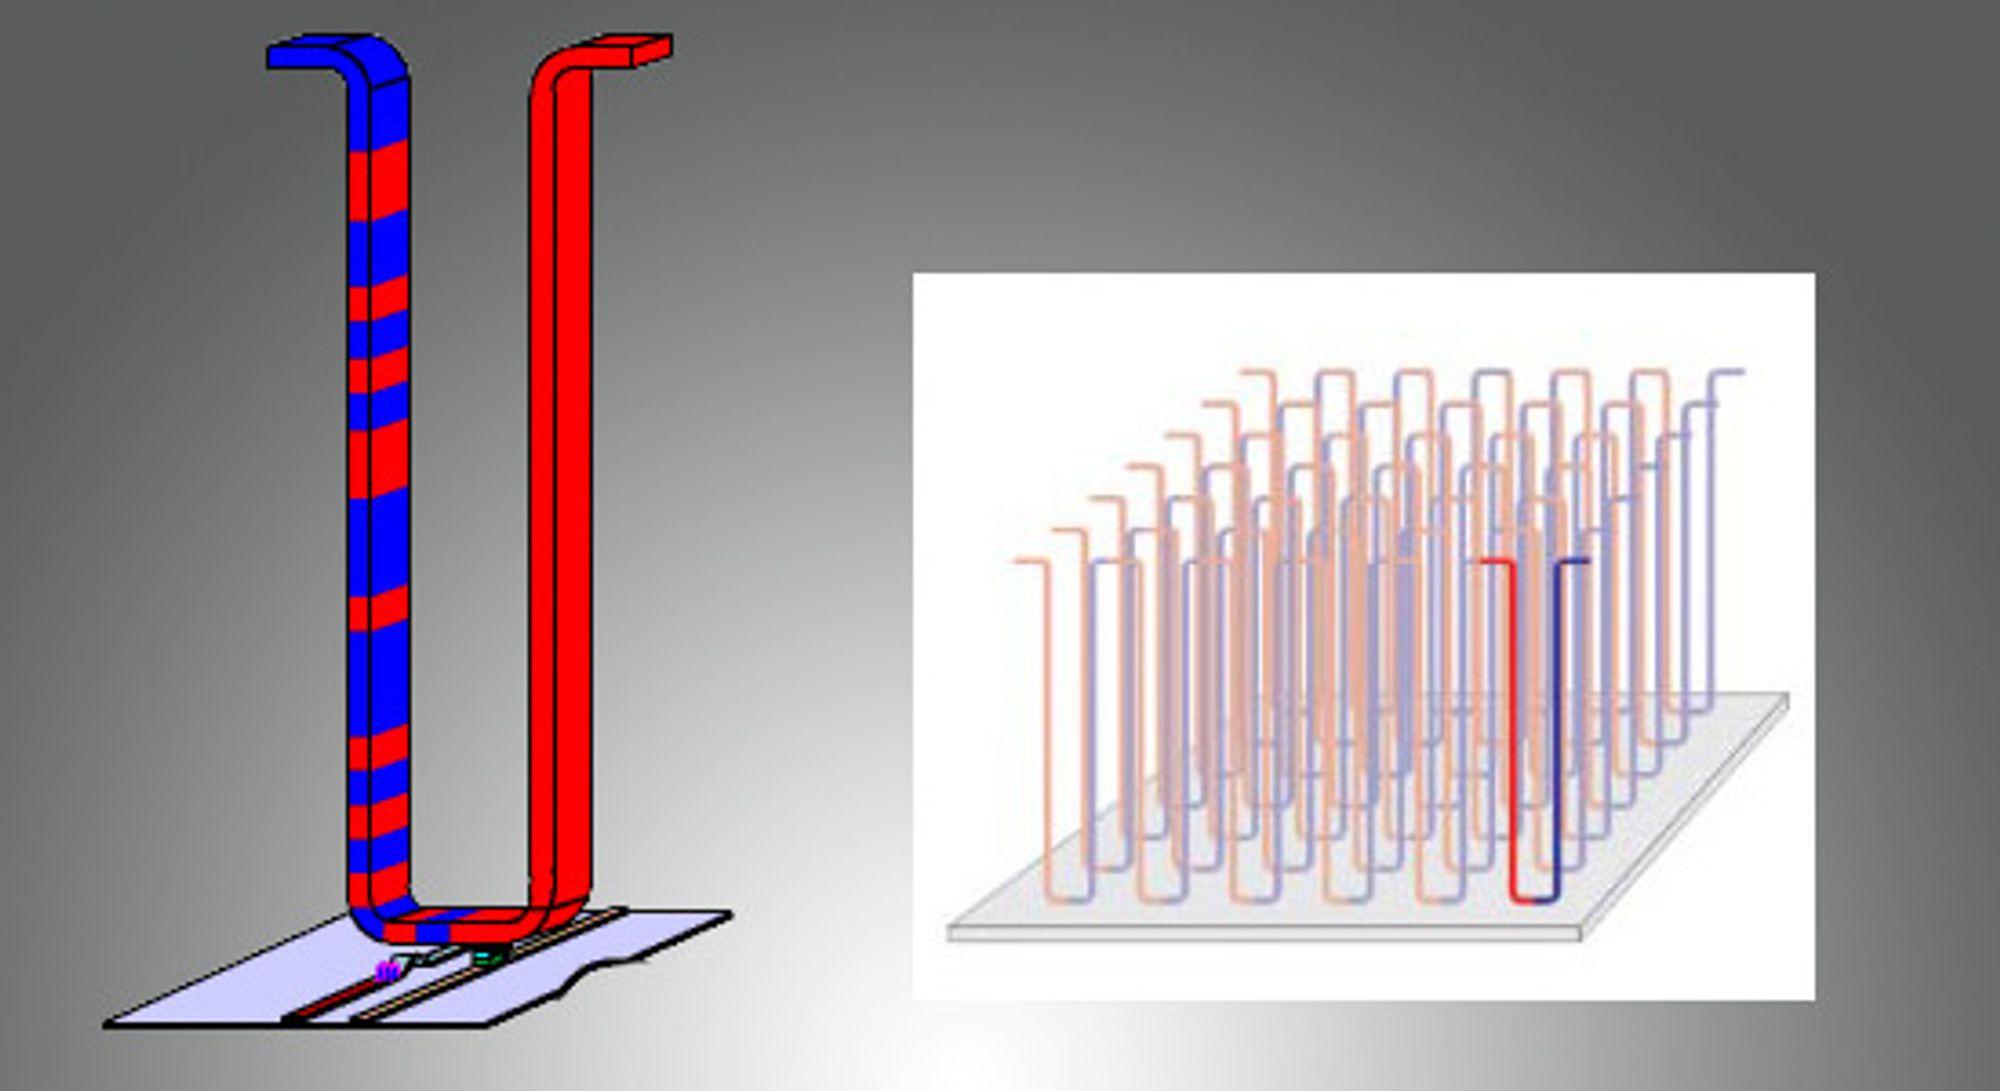 Prinsippet for «racetrack» minne: Til venstre en nanotråd, til høyre en matrise av nanotråder som står loddrett på planet med lese- og skrivehoder. De blå feltene på skissen til venstre viser hvordan hver tråd kan lagre flere bit med informasjon. Elektriske pulser i trådens endepunkter sender områdene med magnetisk lagret informasjon fram og tilbake i tråden, slik at de kan leses eller overskrives. Poenget er at data lagres magnetisk, og kan leses og skrives uten å bevege det magnetiske lagringsmediet.